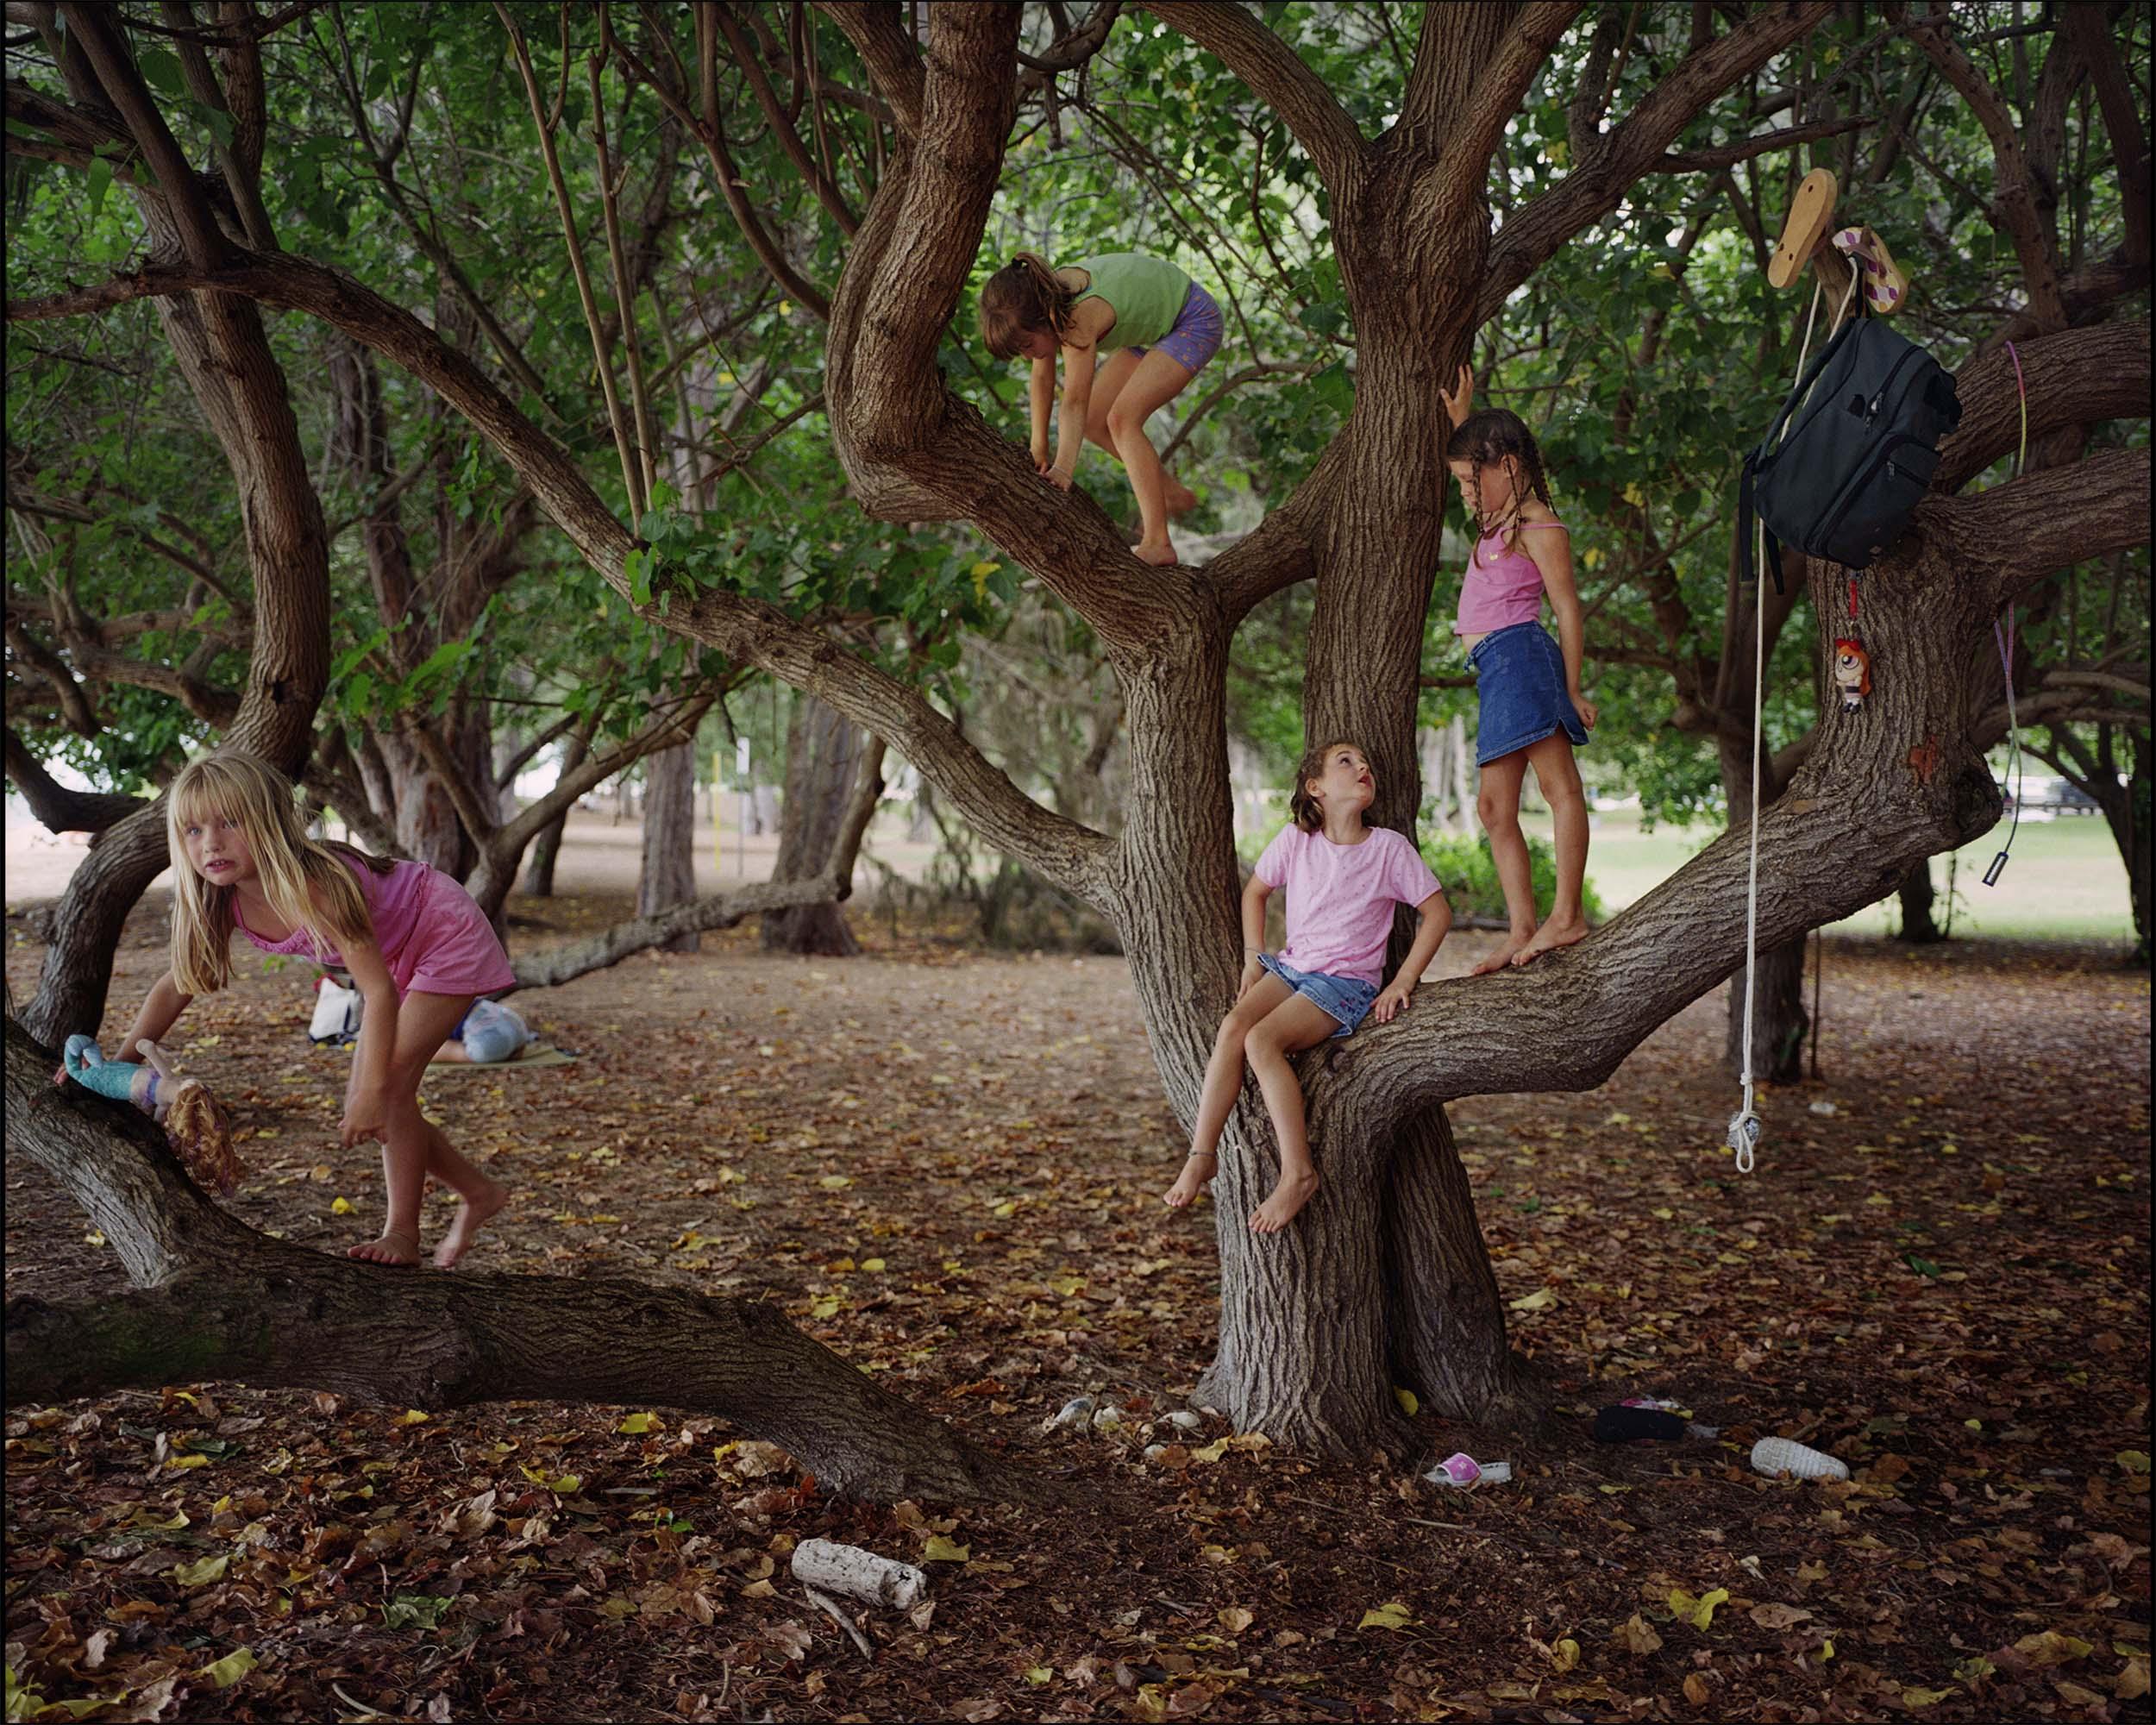 Portia Tree - 2002, © Melissa Ann Pinney